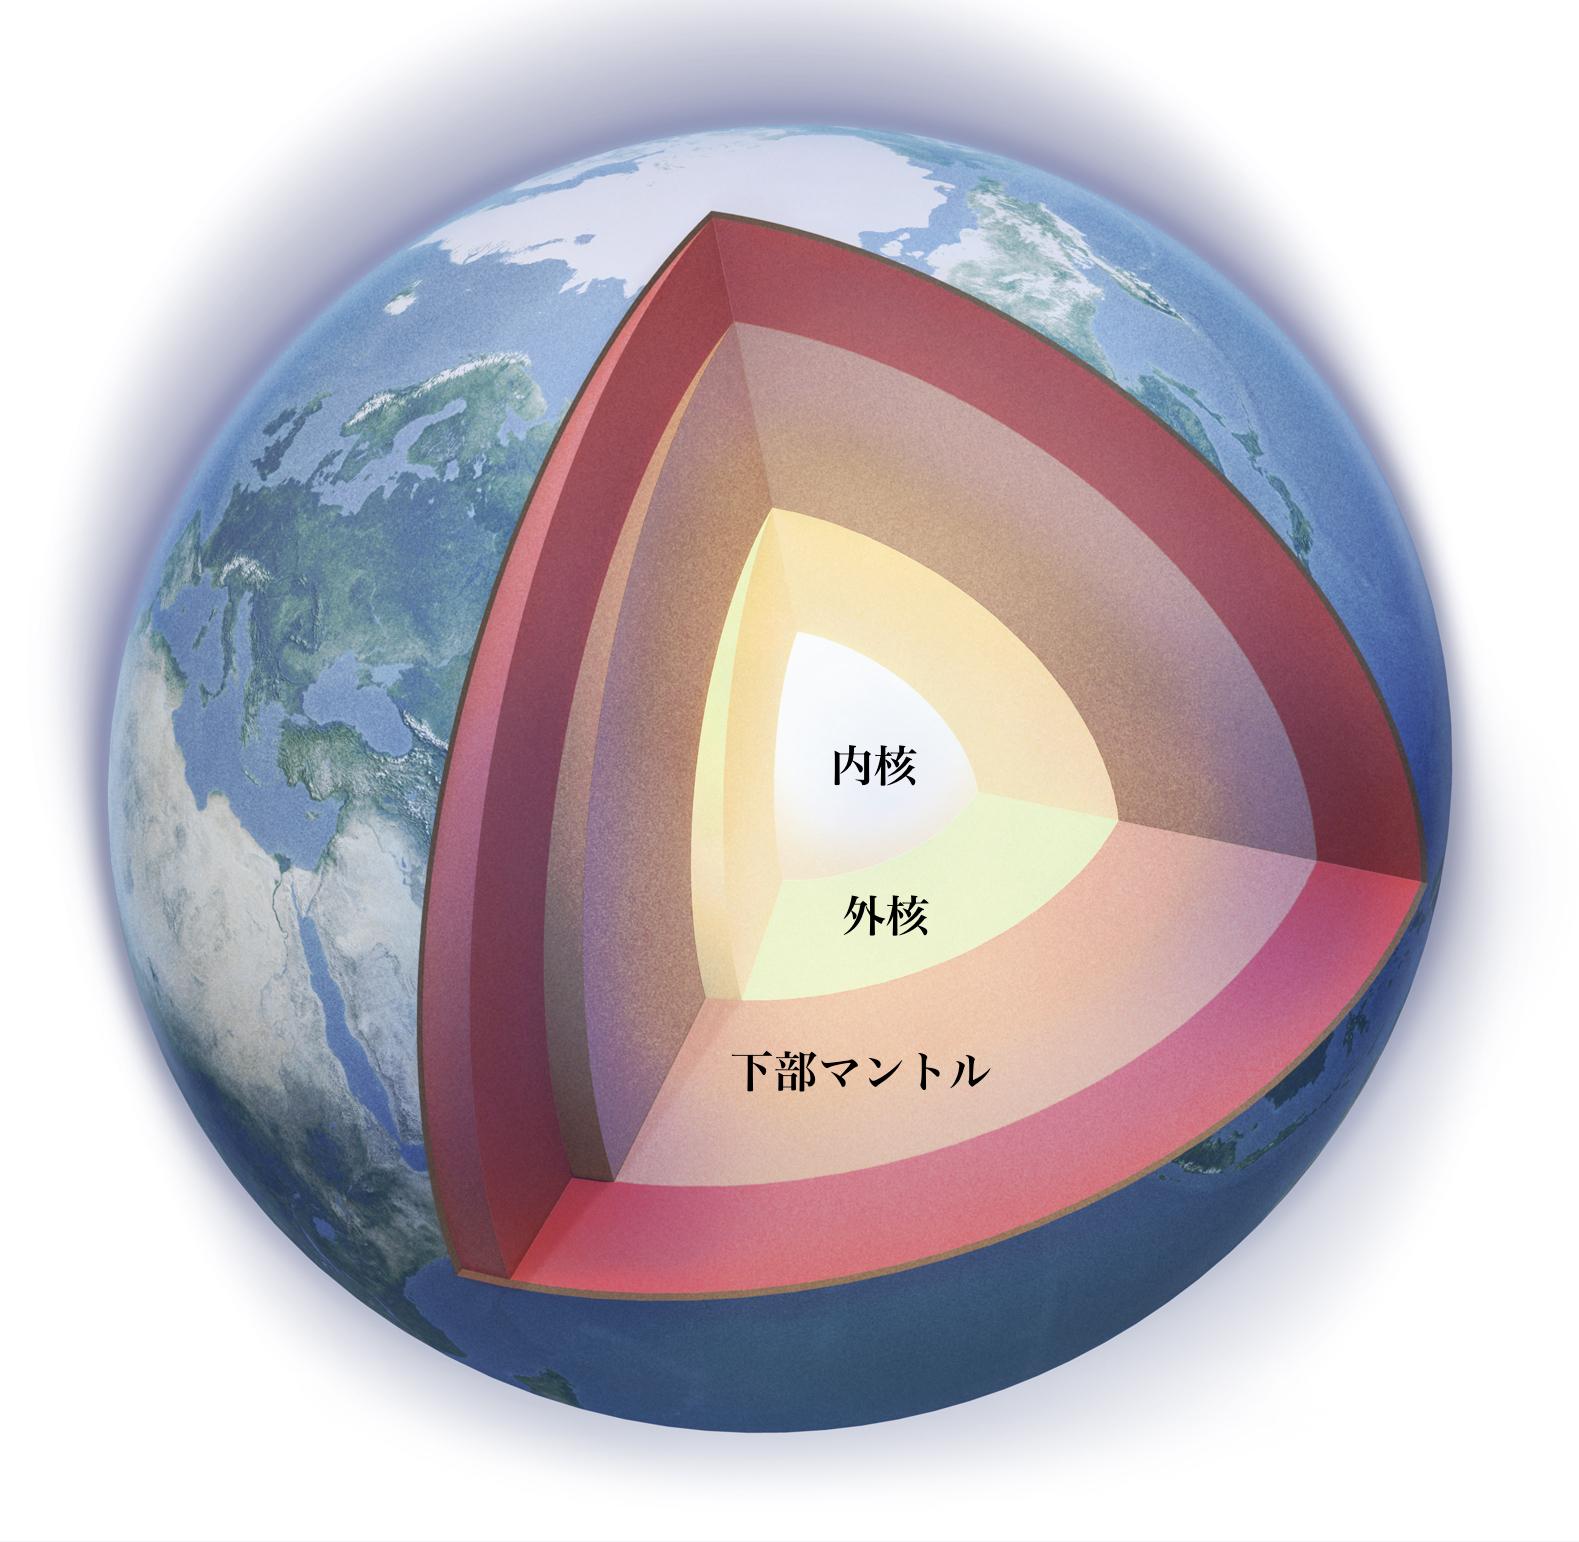 画像提供:海洋研究開発機構